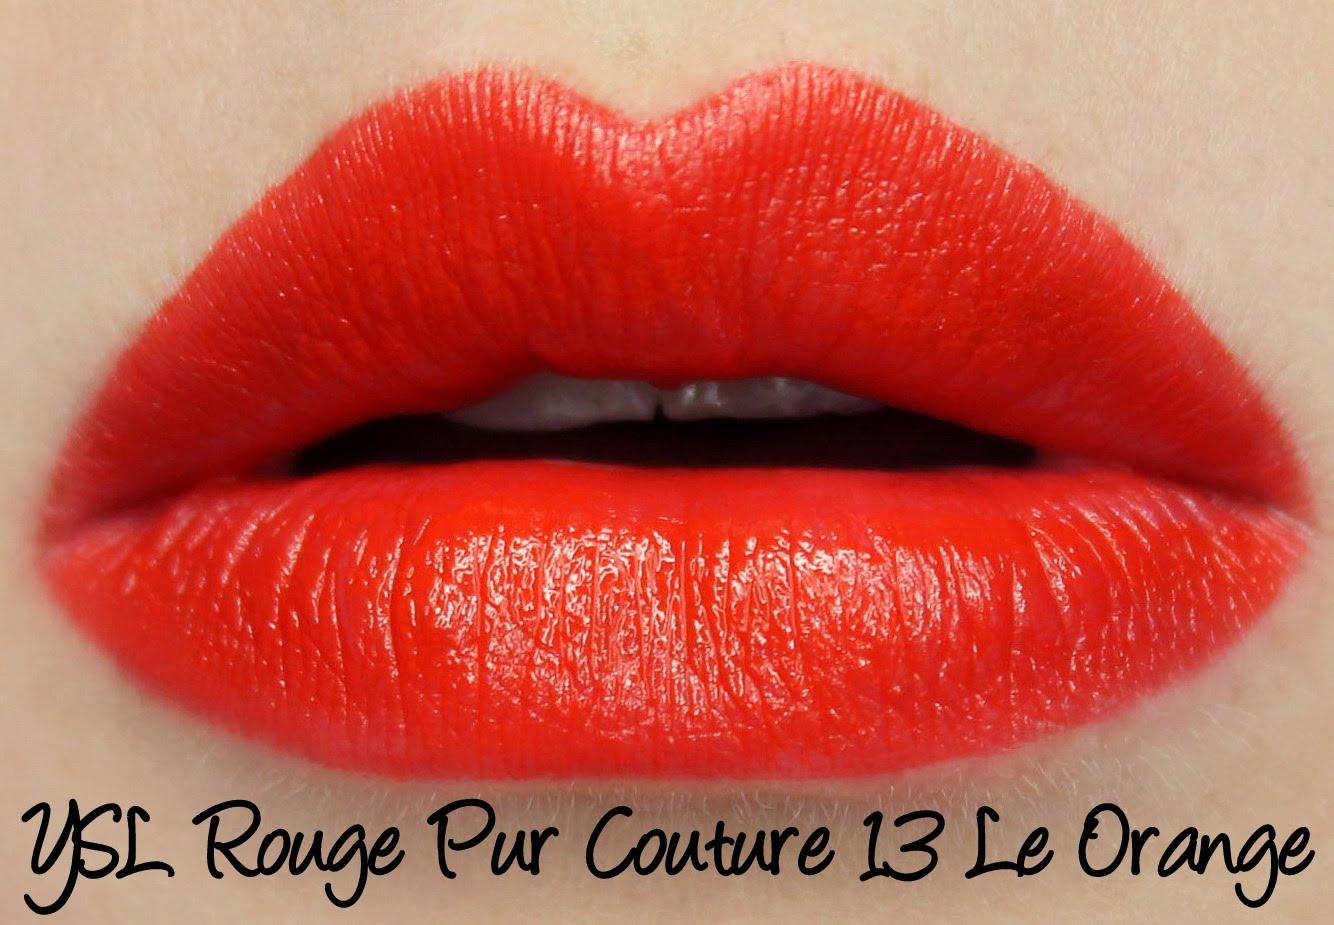 Ysl Rouge Pur Couture 01 Le Rouge 07 Le Fuchsia 13 Le